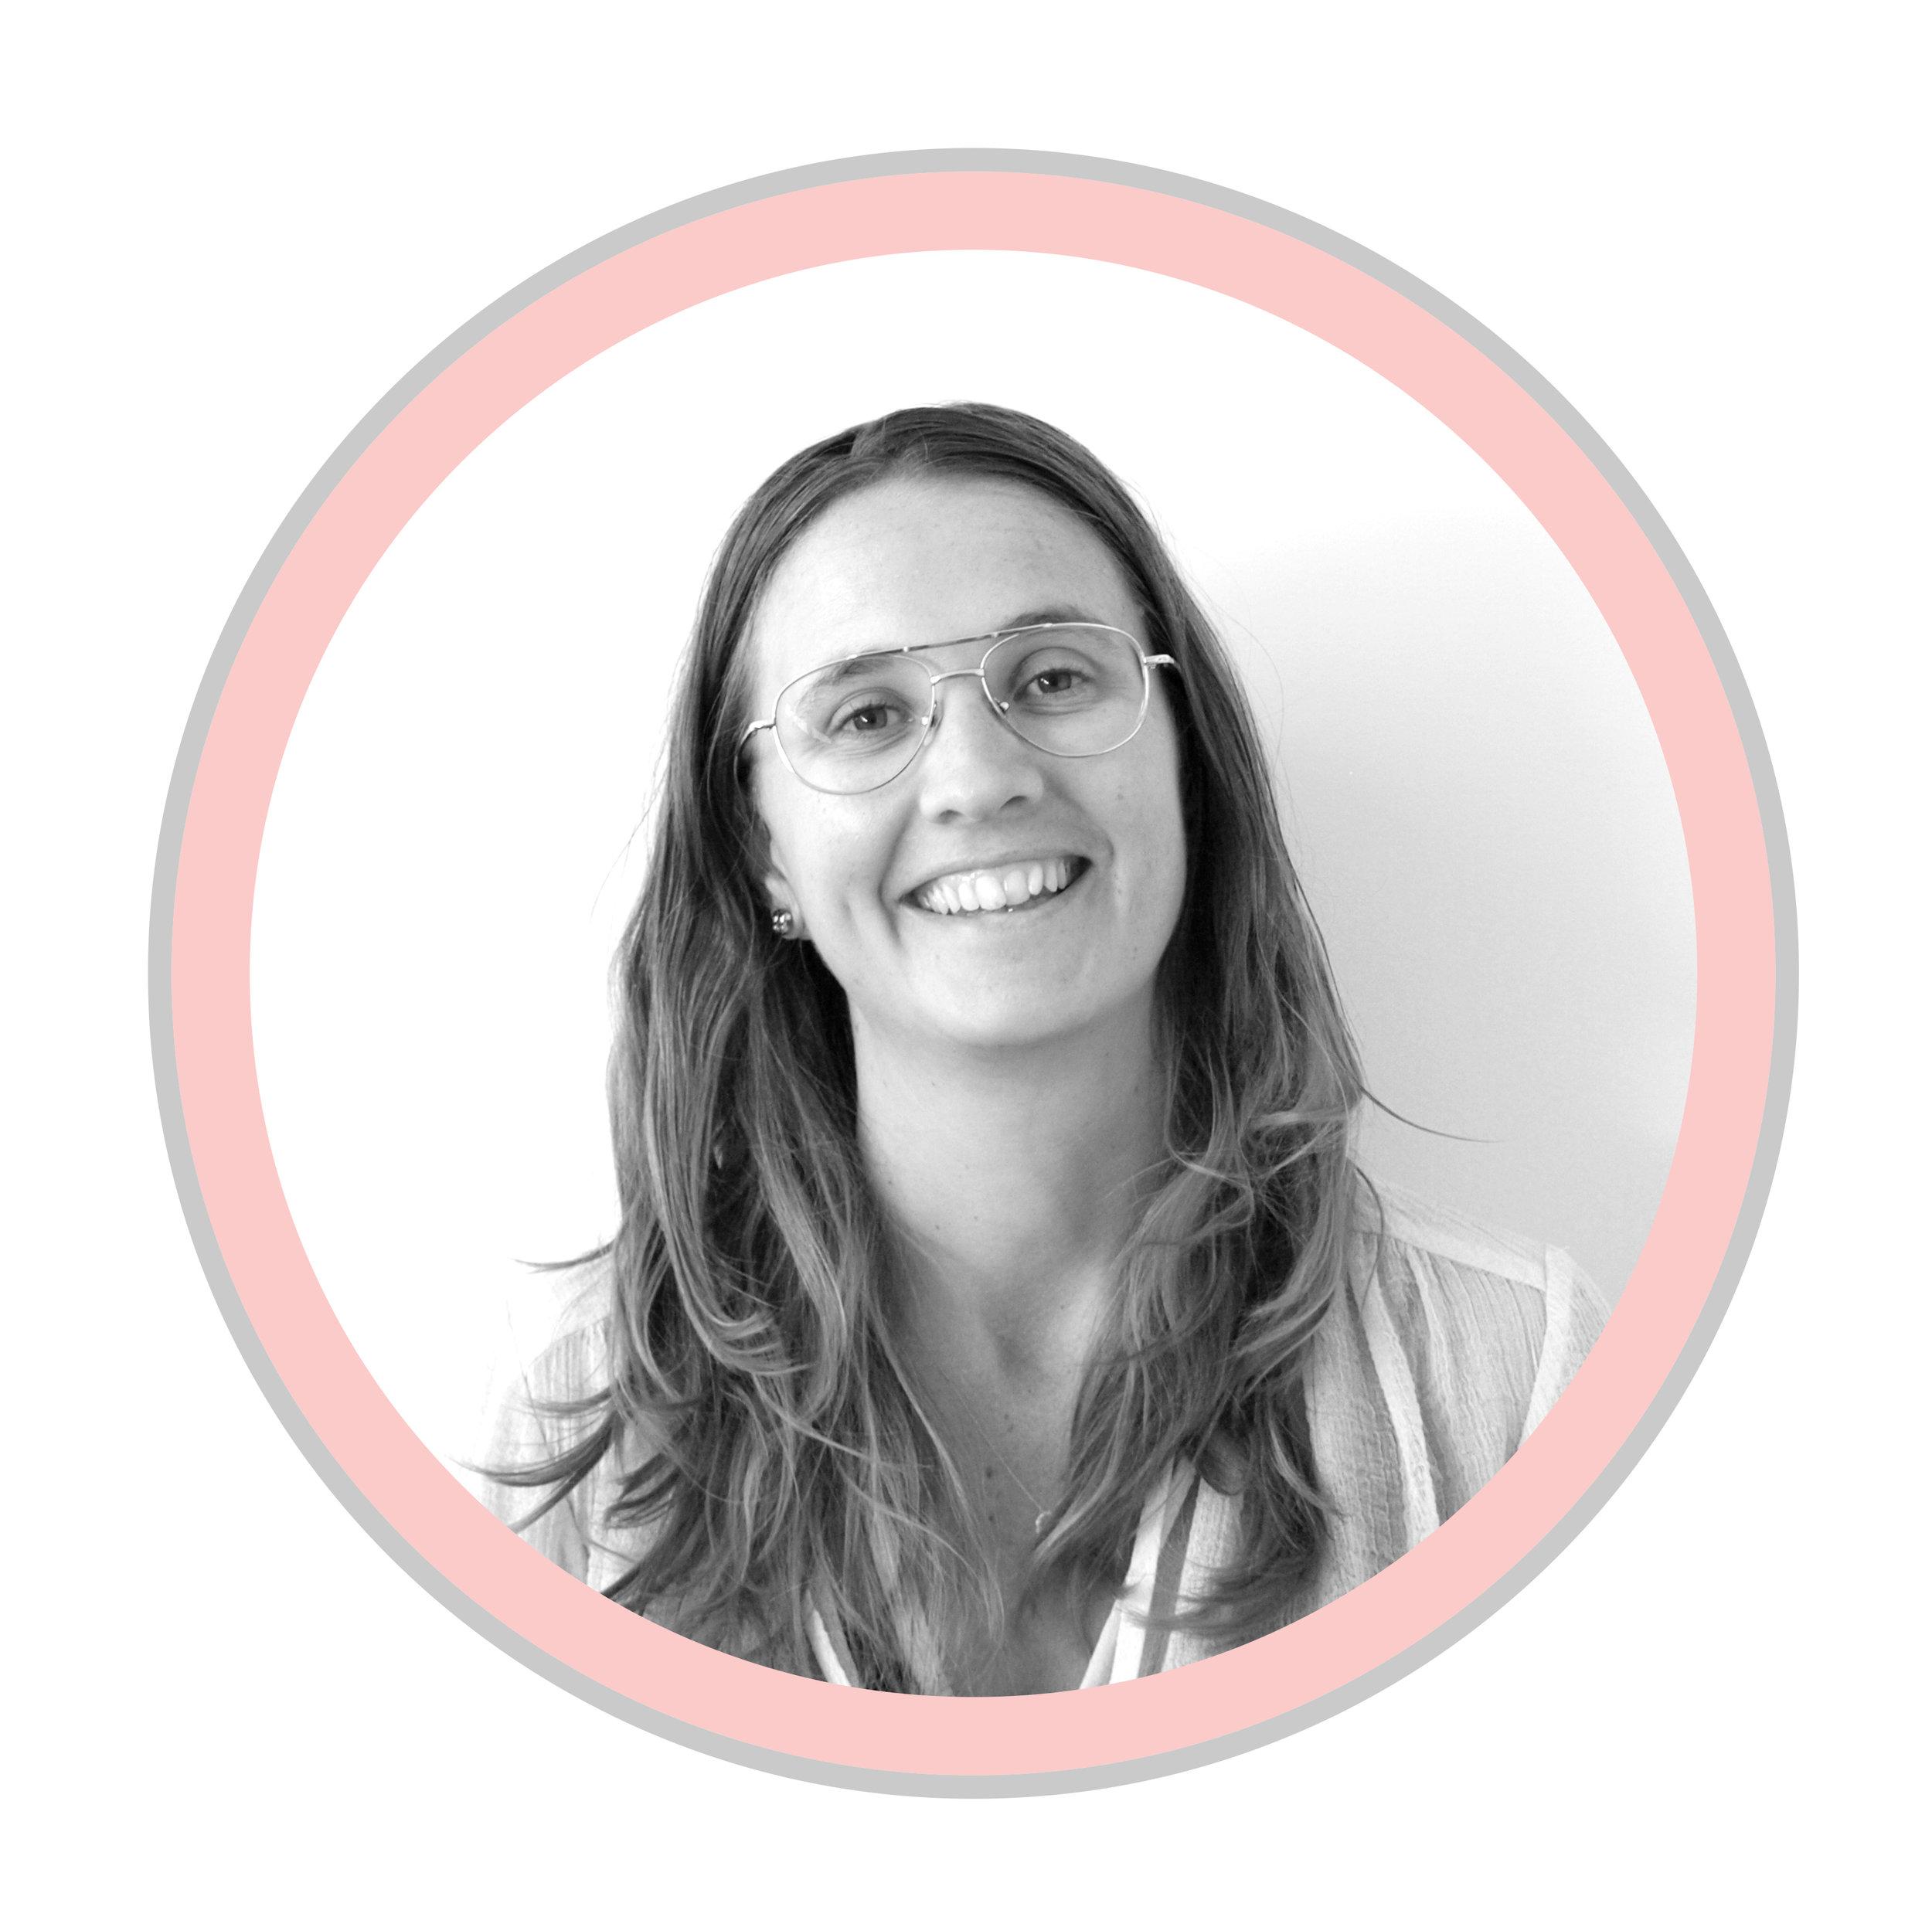 TARA MAHONEY   Recherche et developpment à temps partiel   Tara Mahoney est la directrice artistique de Gen Why Media et termine actuellement un doctorat en communication à l'Université Simon Fraser à Vancouver, en Colombie-Britannique. Sa recherche de doctorat explore les formes émergentes d'engagement civique à l'intersection de la politique et de la culture. Candidate au doctorat, elle dirige le Creative Publics Lab et a été assistante de recherche sur le projet de recherche national «Art for Social Change (ASC!): Un programme de recherche intégré en enseignement, évaluation et renforcement des capacités». Tara est titulaire d'un baccalauréat en relations internationales de l'Université de Calgary, d'une maîtrise en production médiatique de l'Université Ryerson et d'un certificat en engagement civique et dialogue de l'Université Simon Fraser. Elle a travaillé dans le secteur sans but lucratif pour In Focus Film School, le Sierra Club du Canada et Greenpeace à leur siège social à Washington DC.